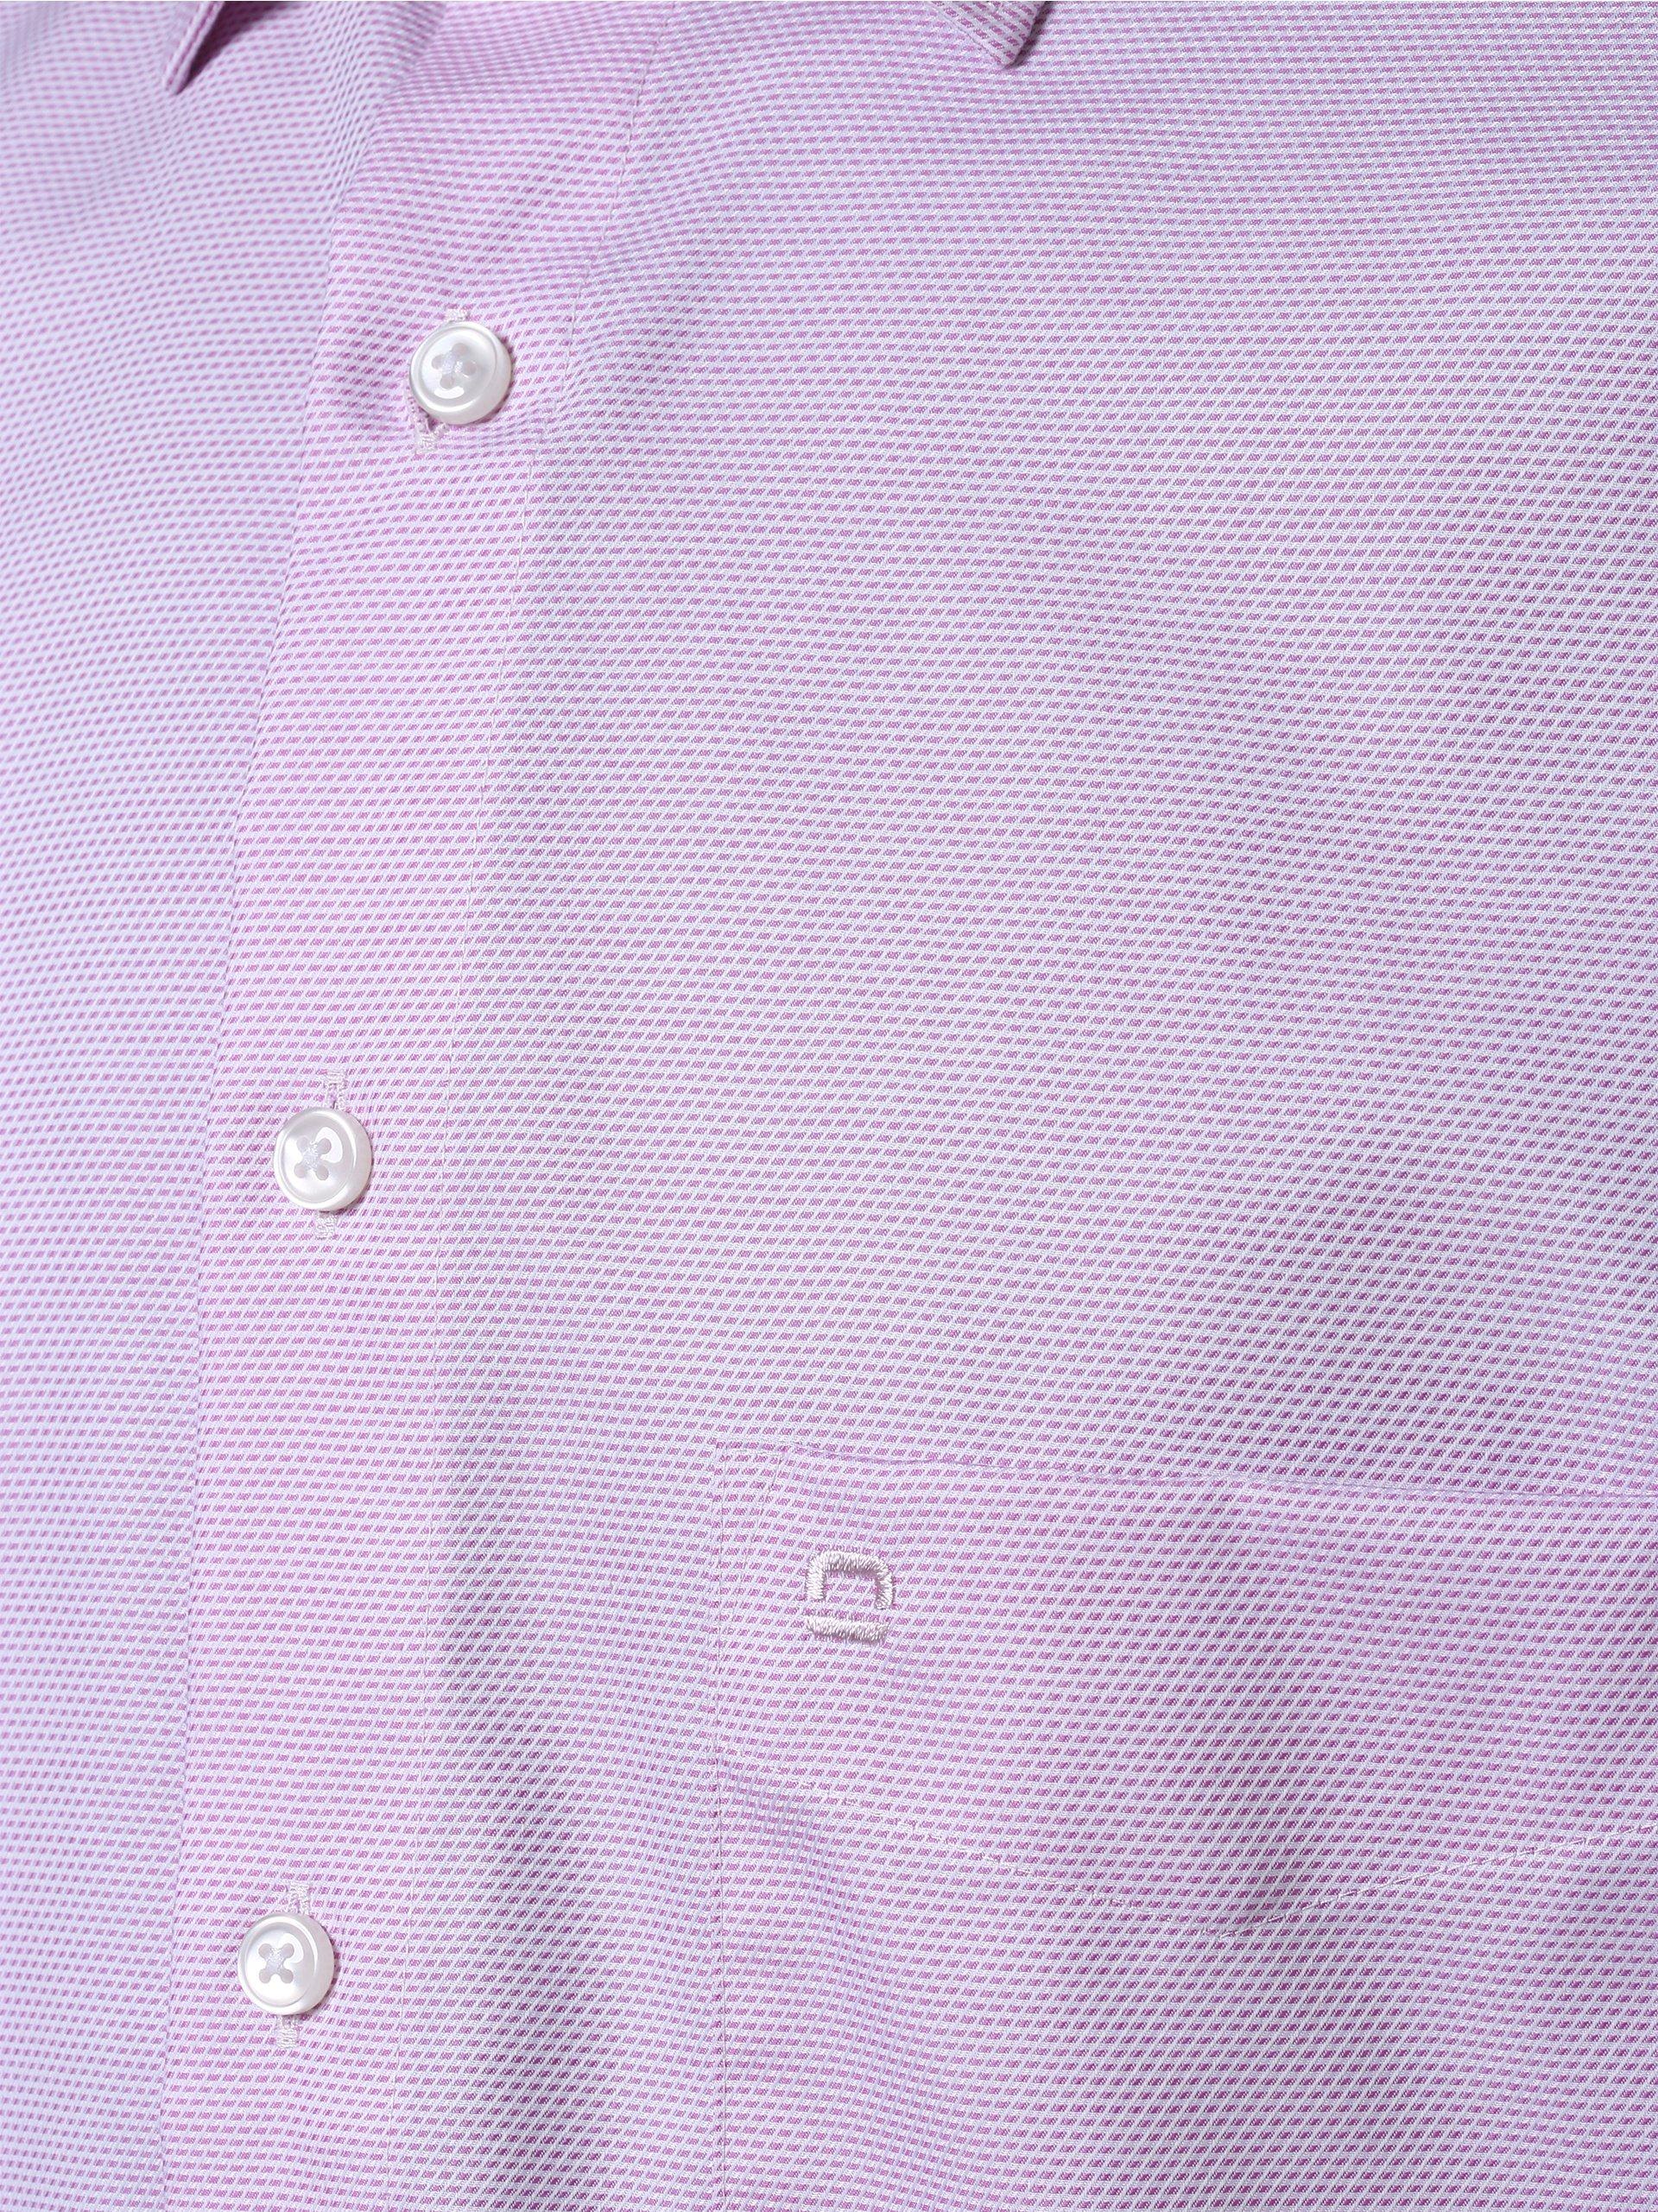 Olymp Modern Fit Herren Hemd Bügelfrei